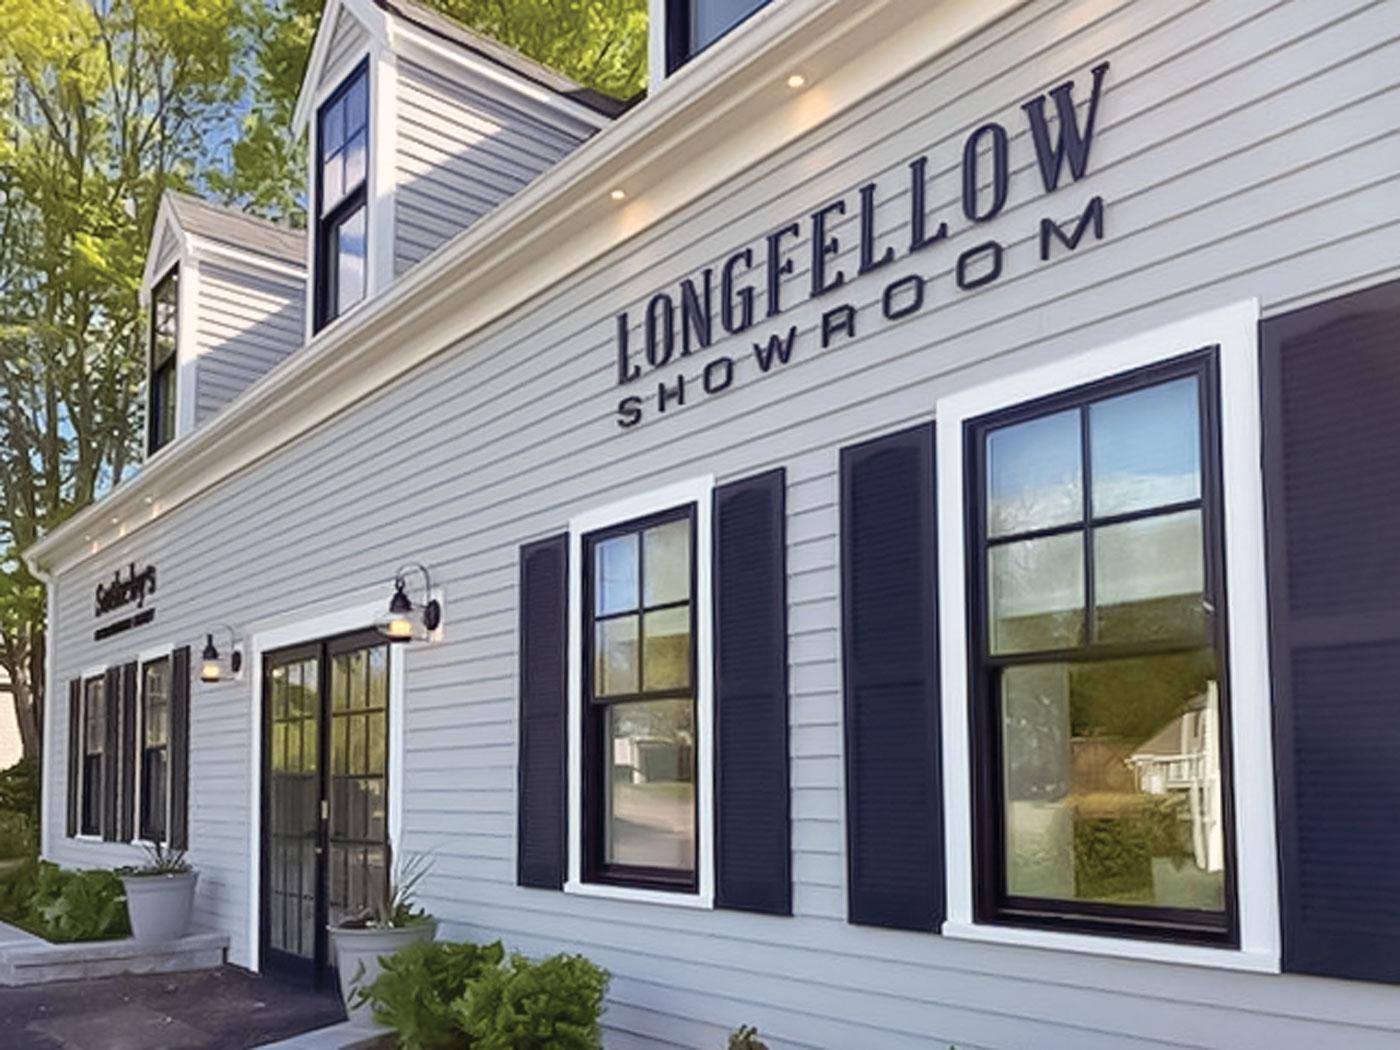 Outside view of Longfellow showroom in Sandwich MA